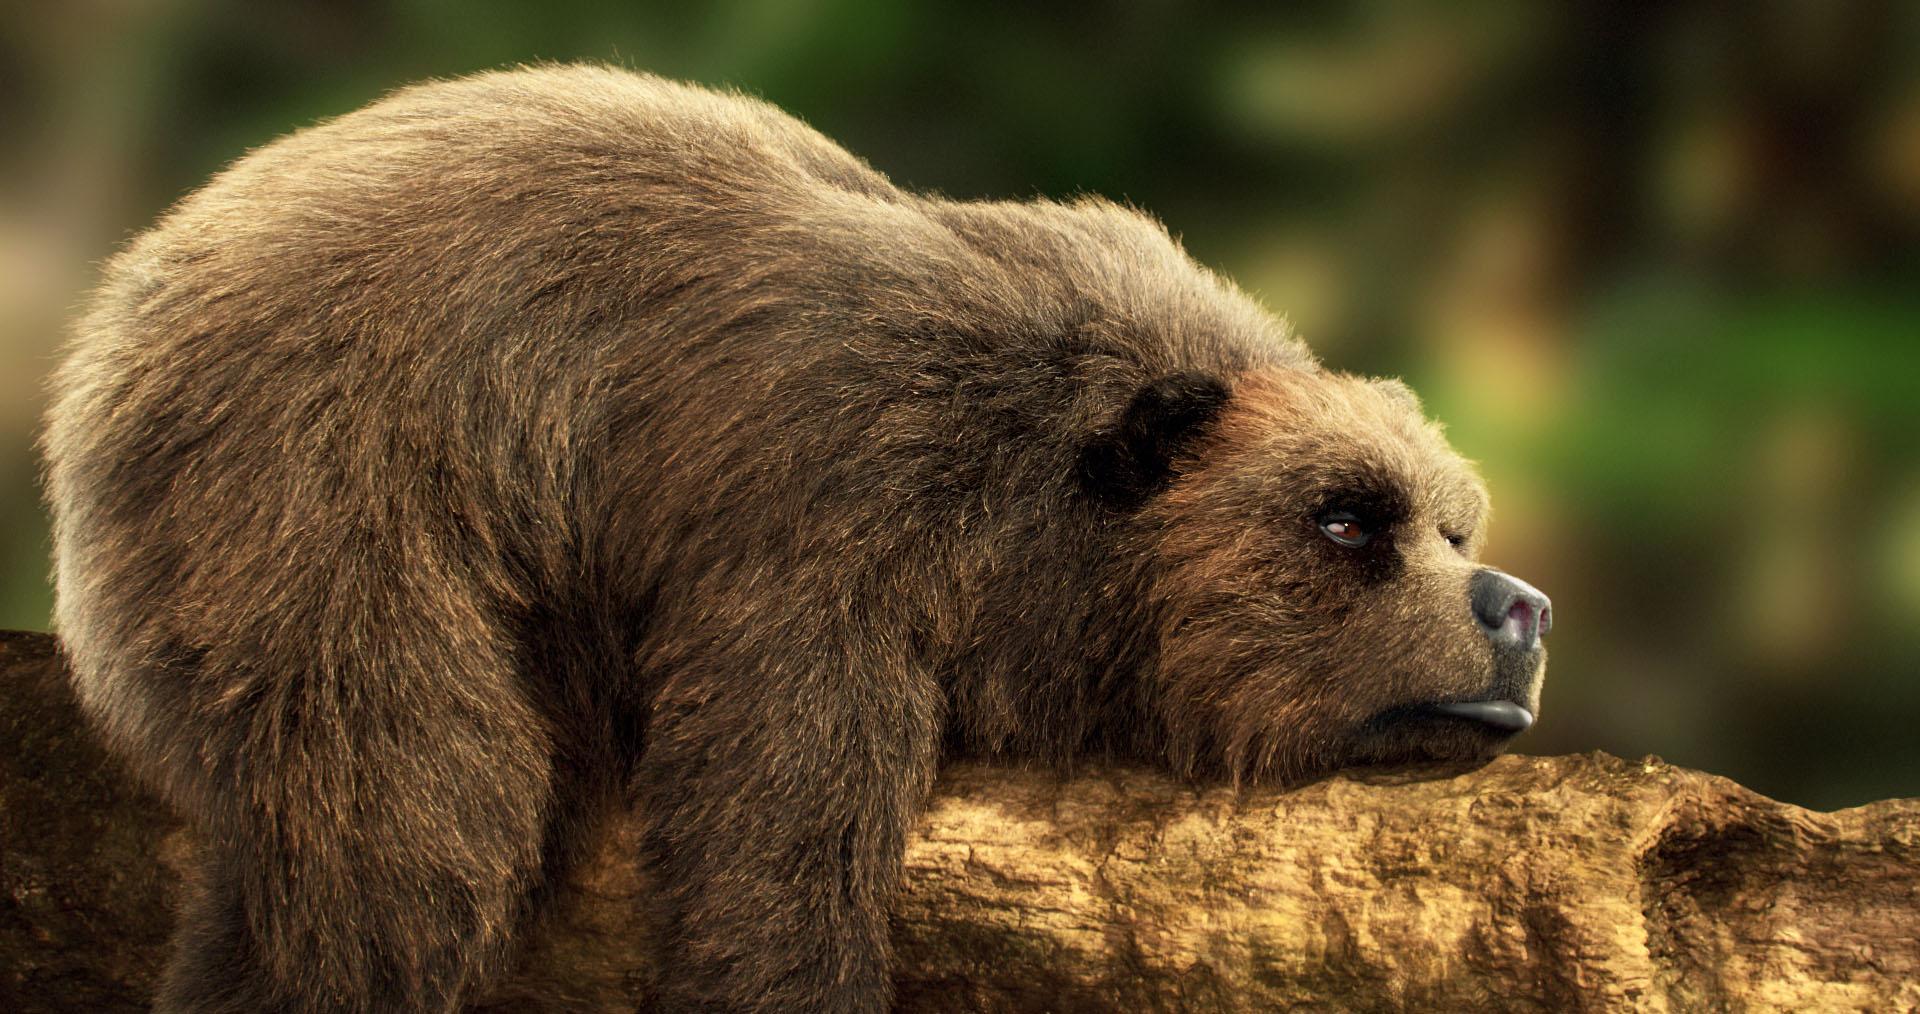 Sleeping bear by Jordan soler / Scenes - 3dtotal.com